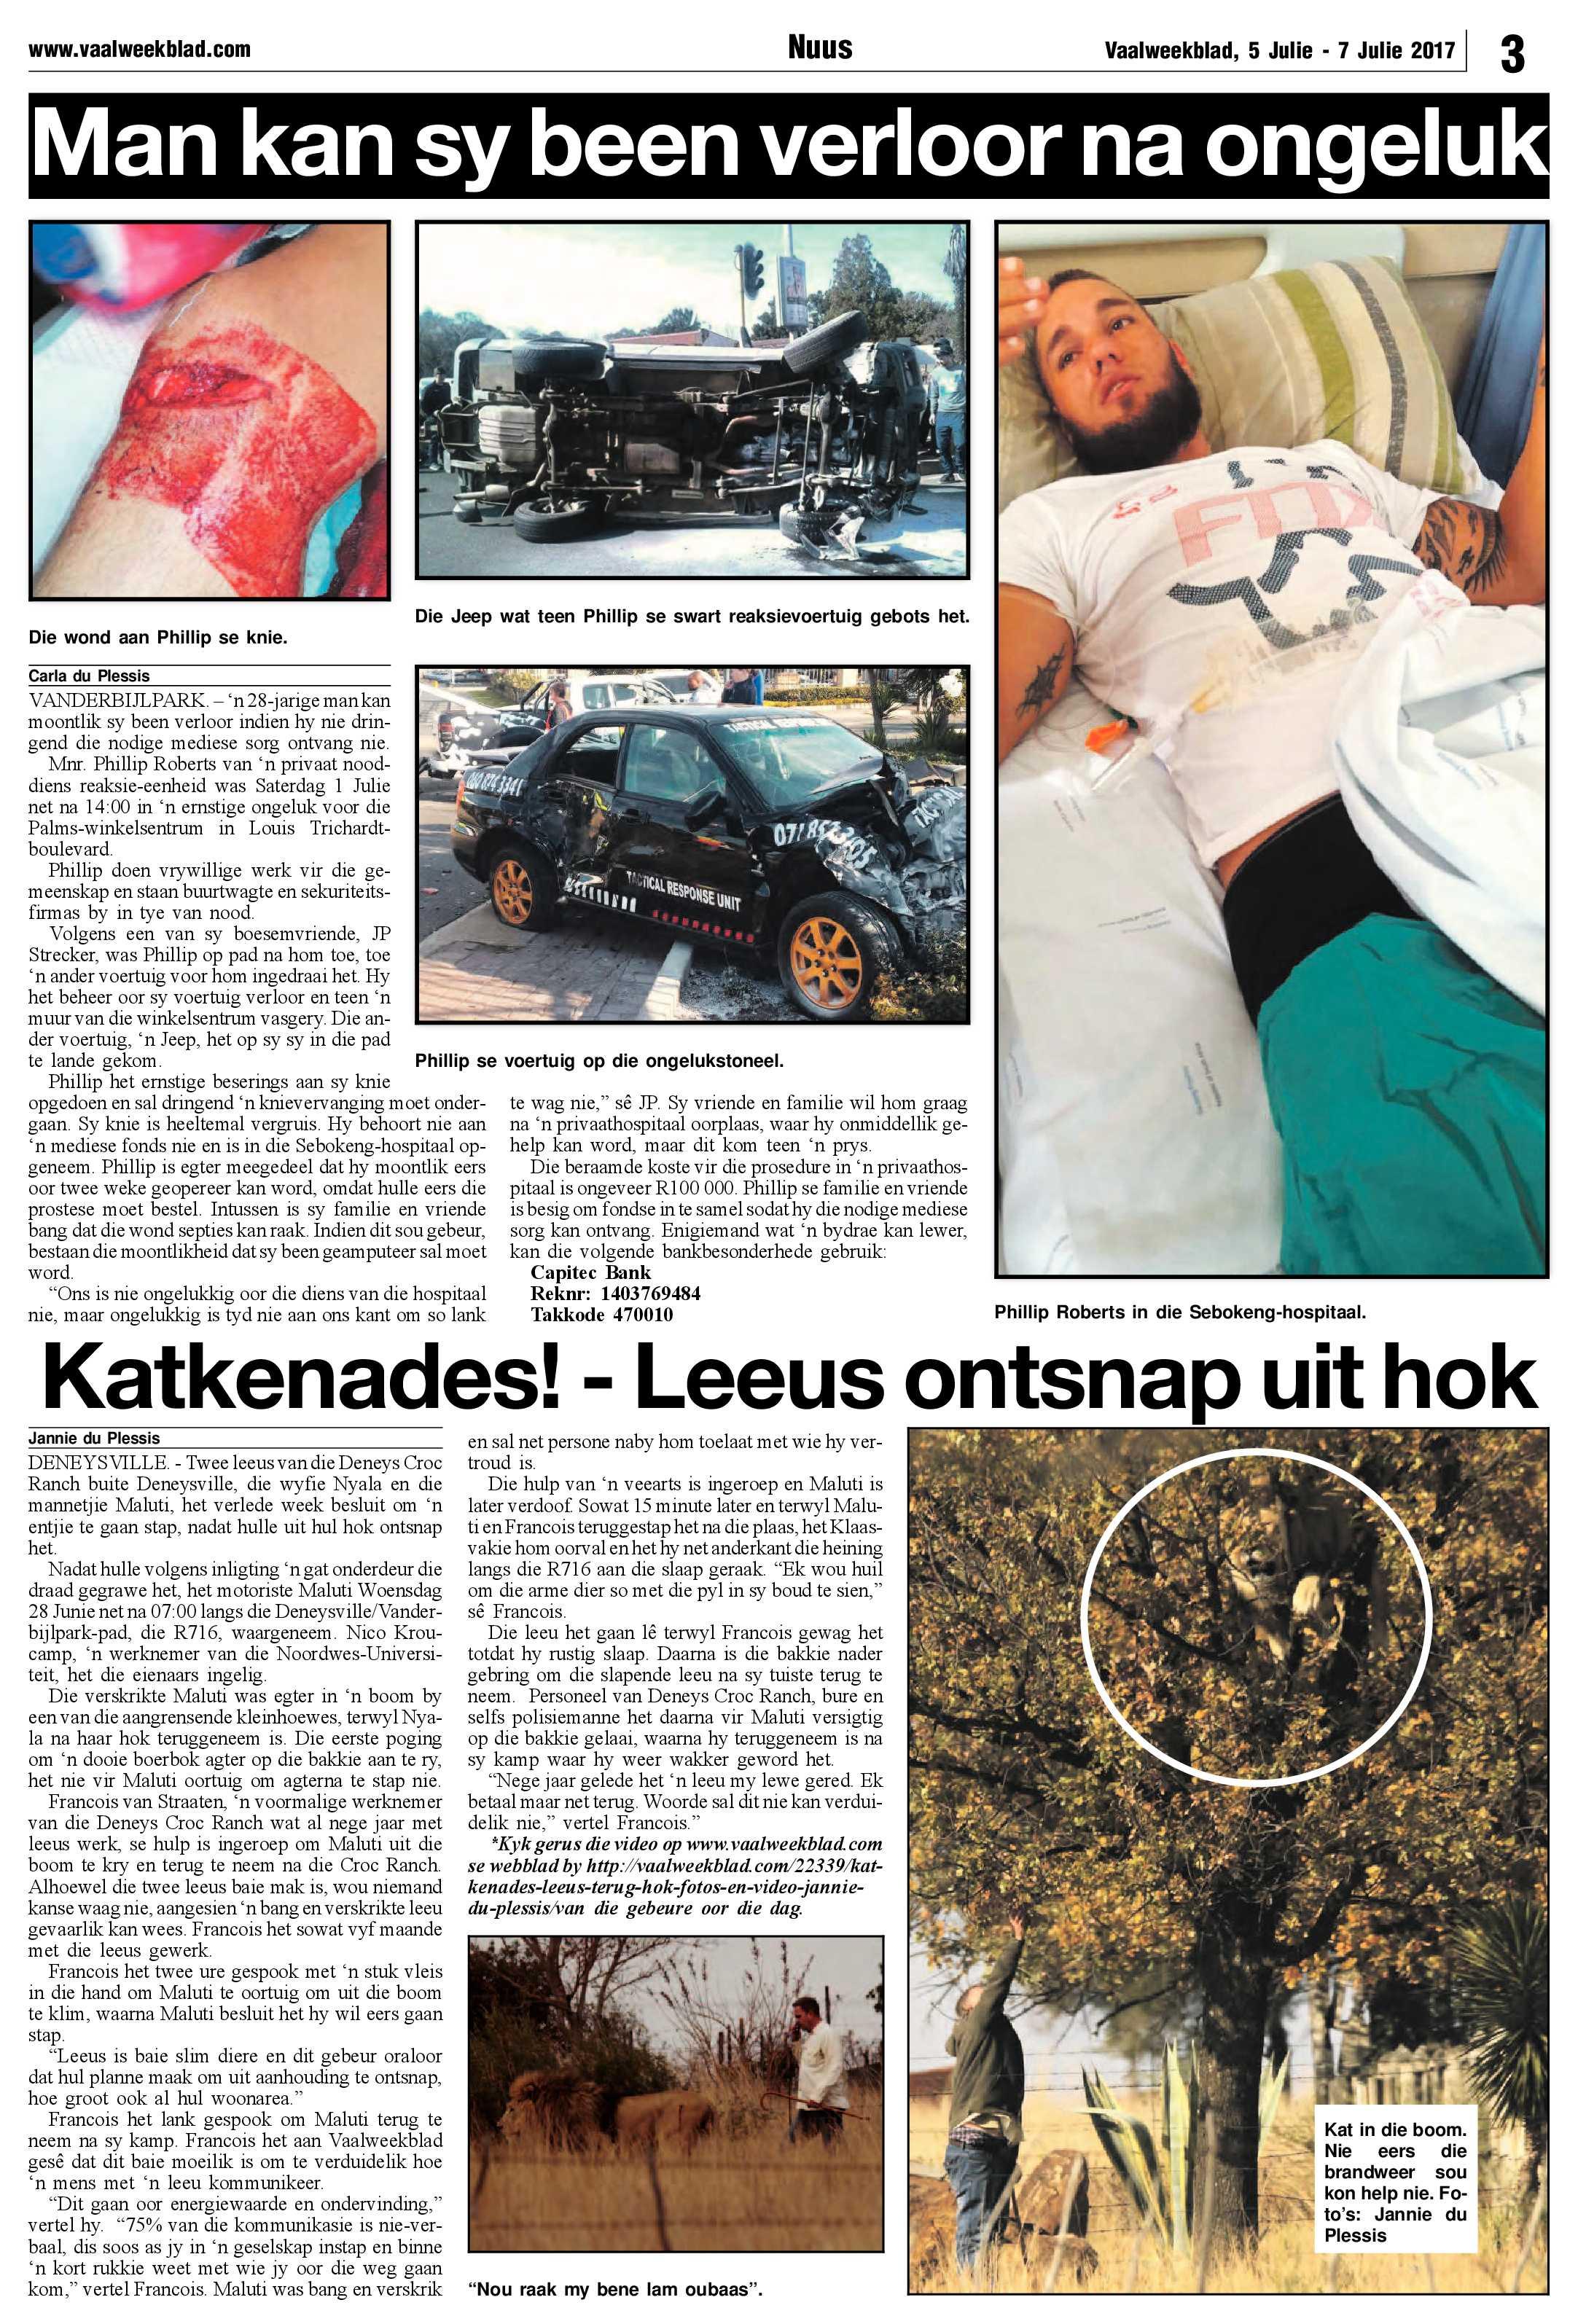 vaalweekblad-5-7-julie-2017-epapers-page-3